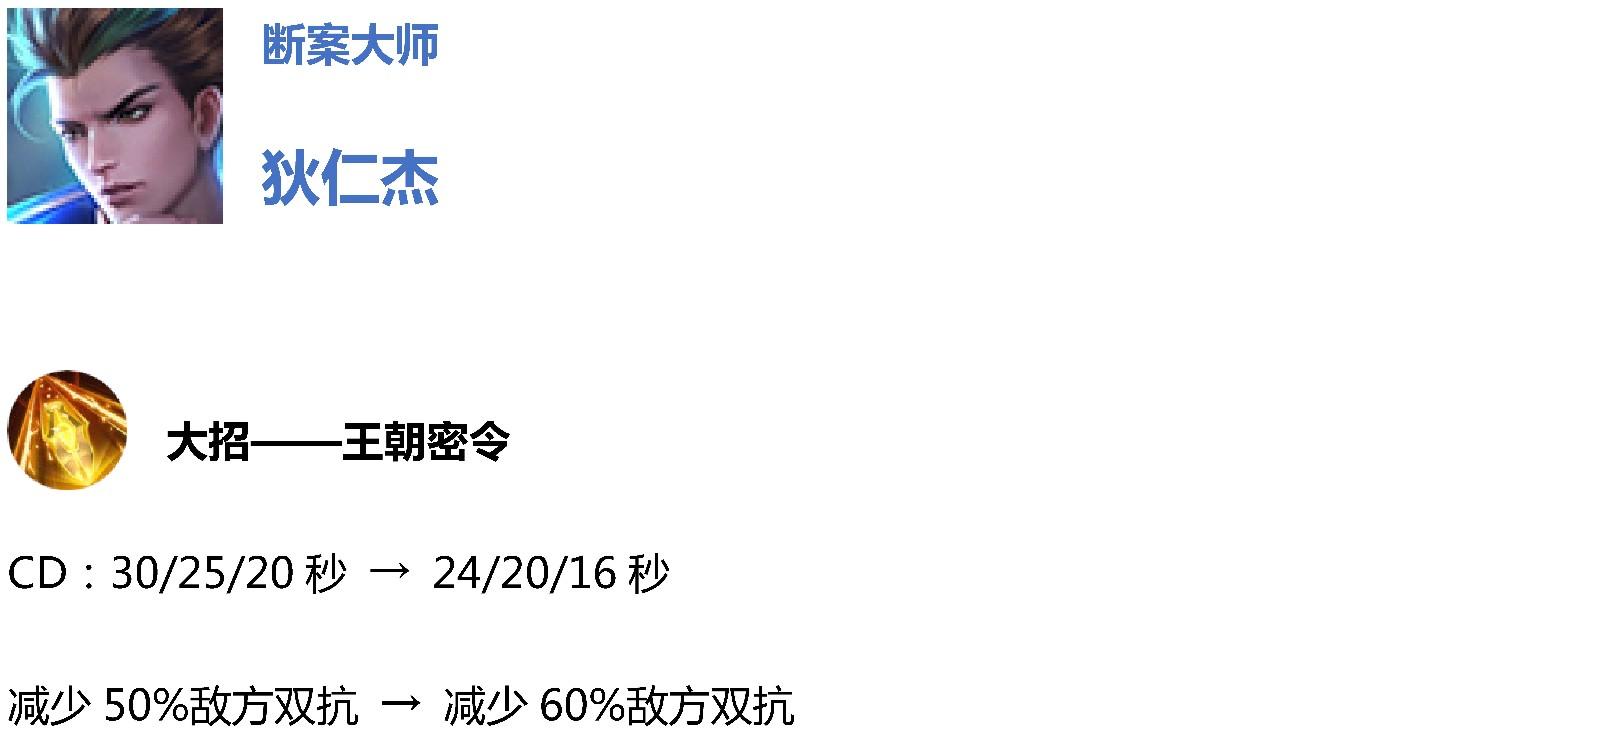 王者荣耀11.8体验服更新:七位英雄调整,铭文改版,动作系统优化[多图]图片3